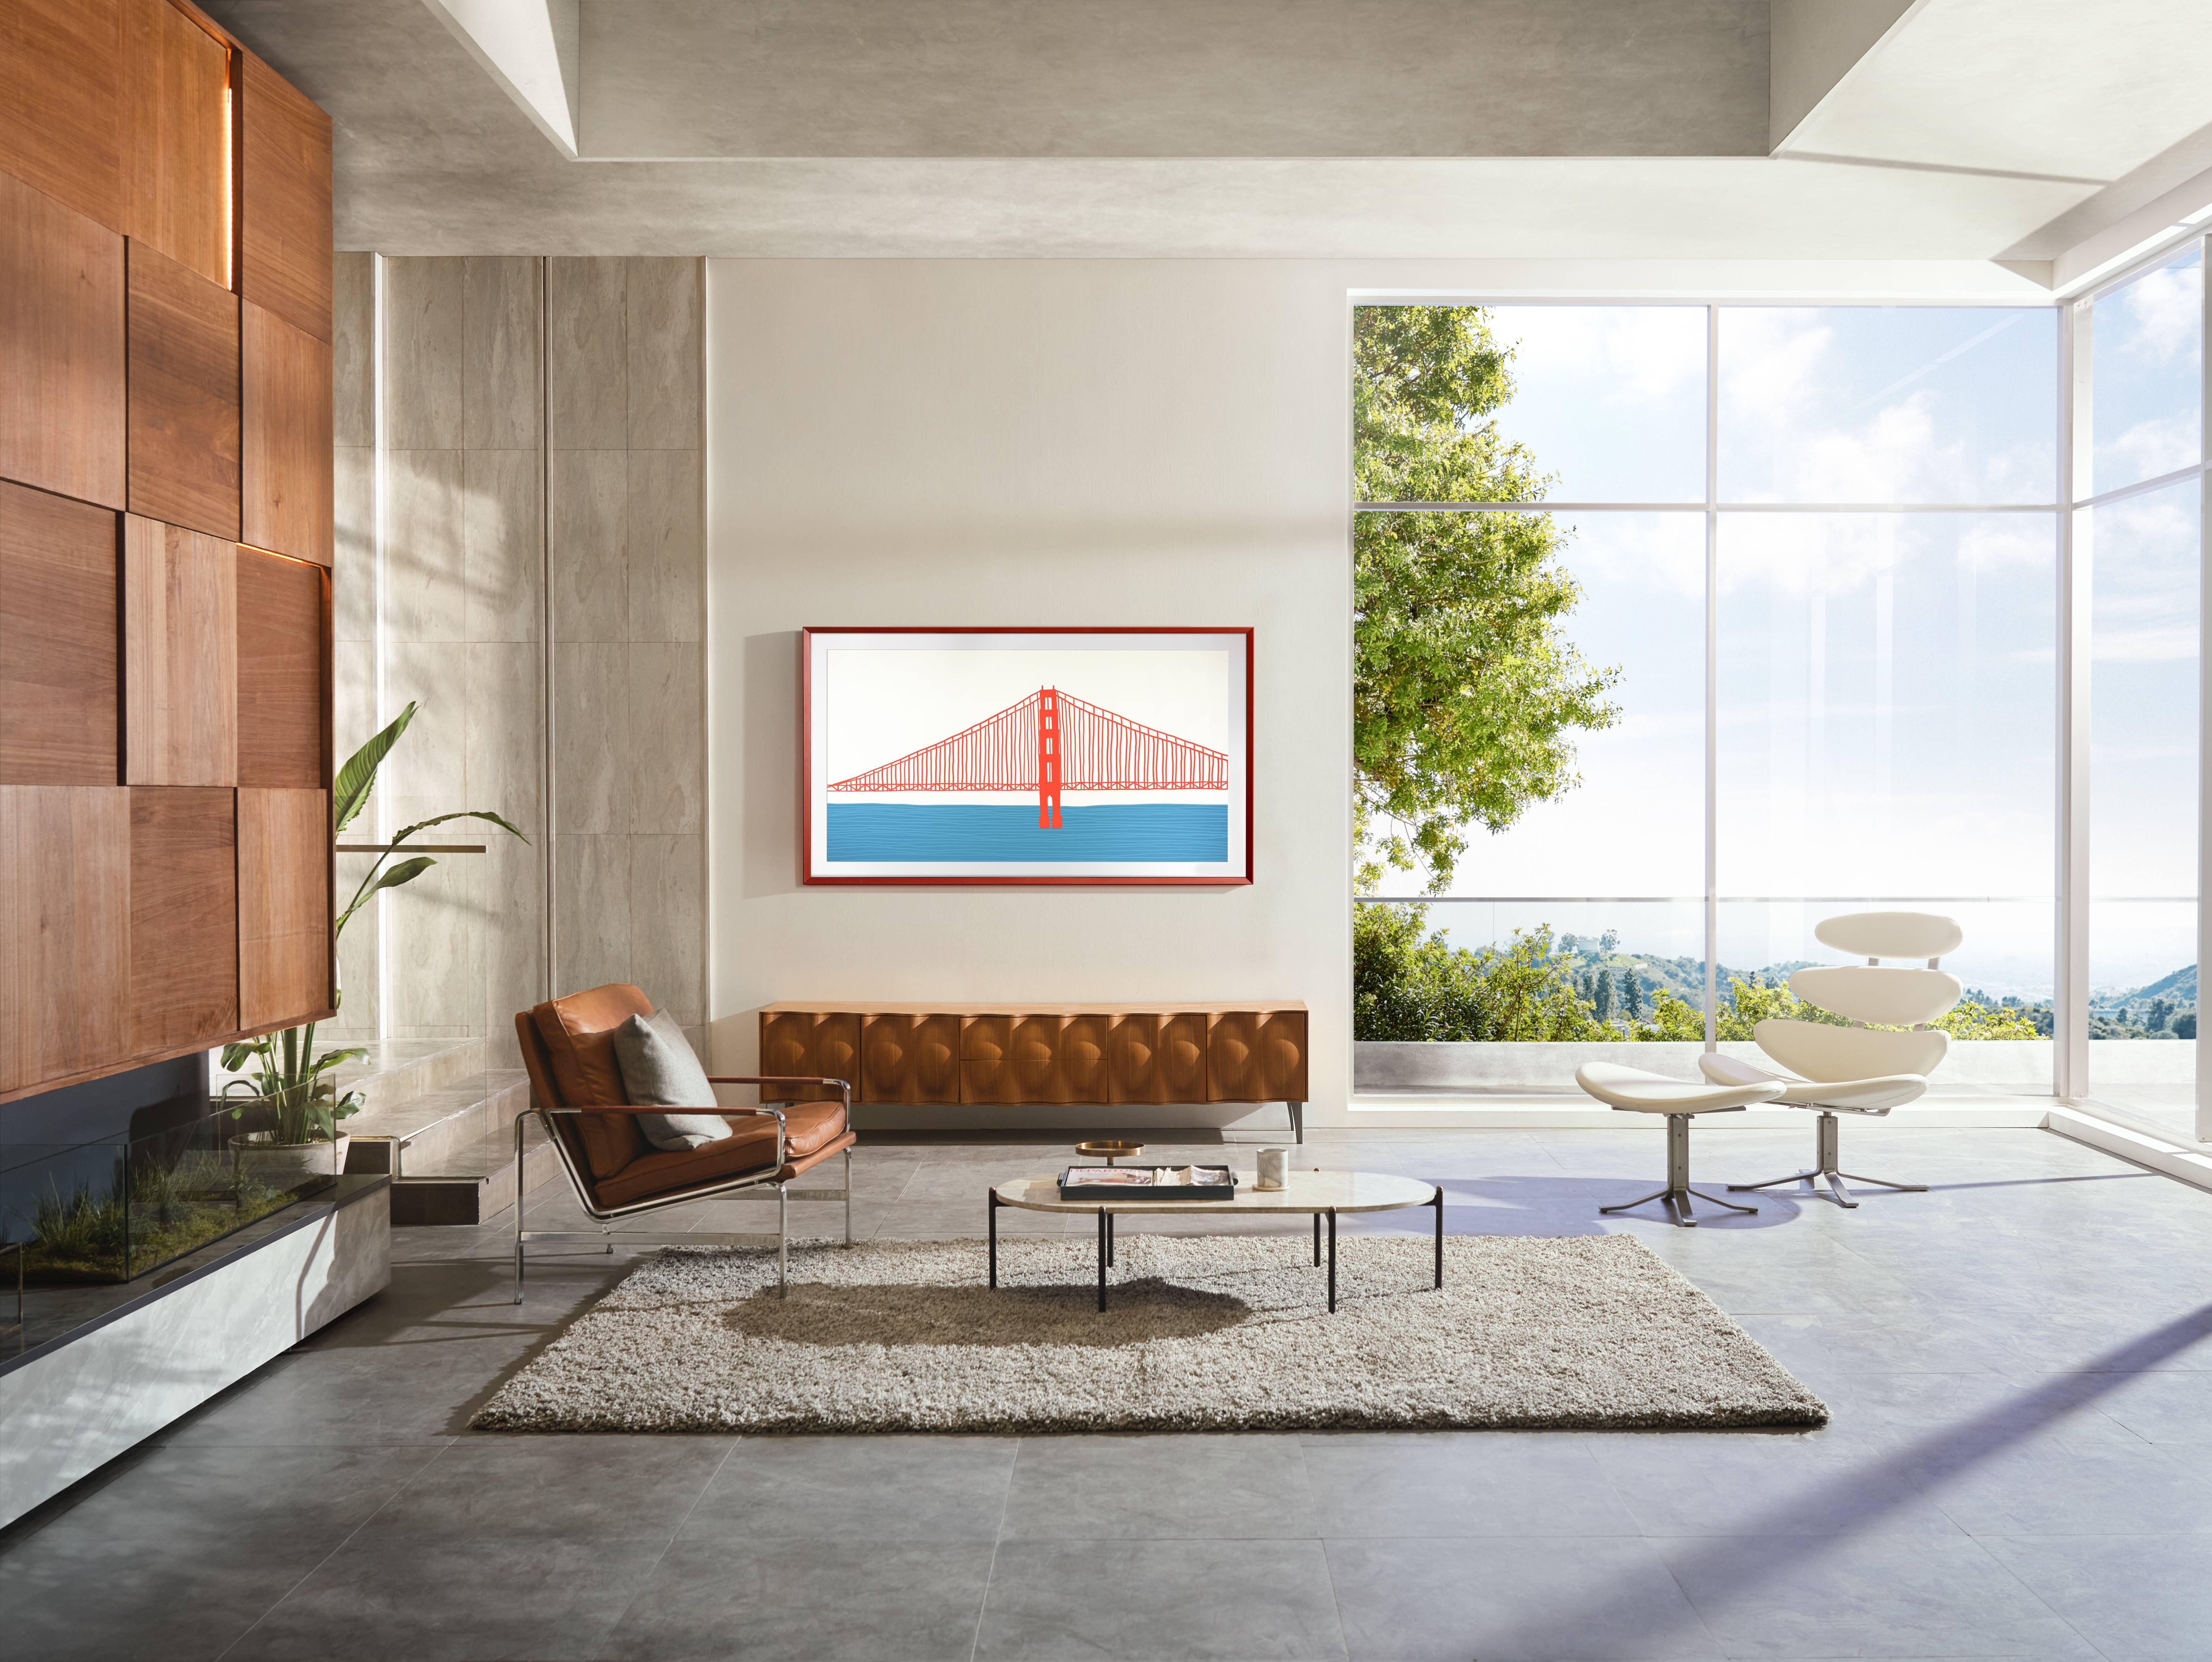 Aukcji Nowej Sztuki – Telewizor The Frame podbija stawkę podczas 50